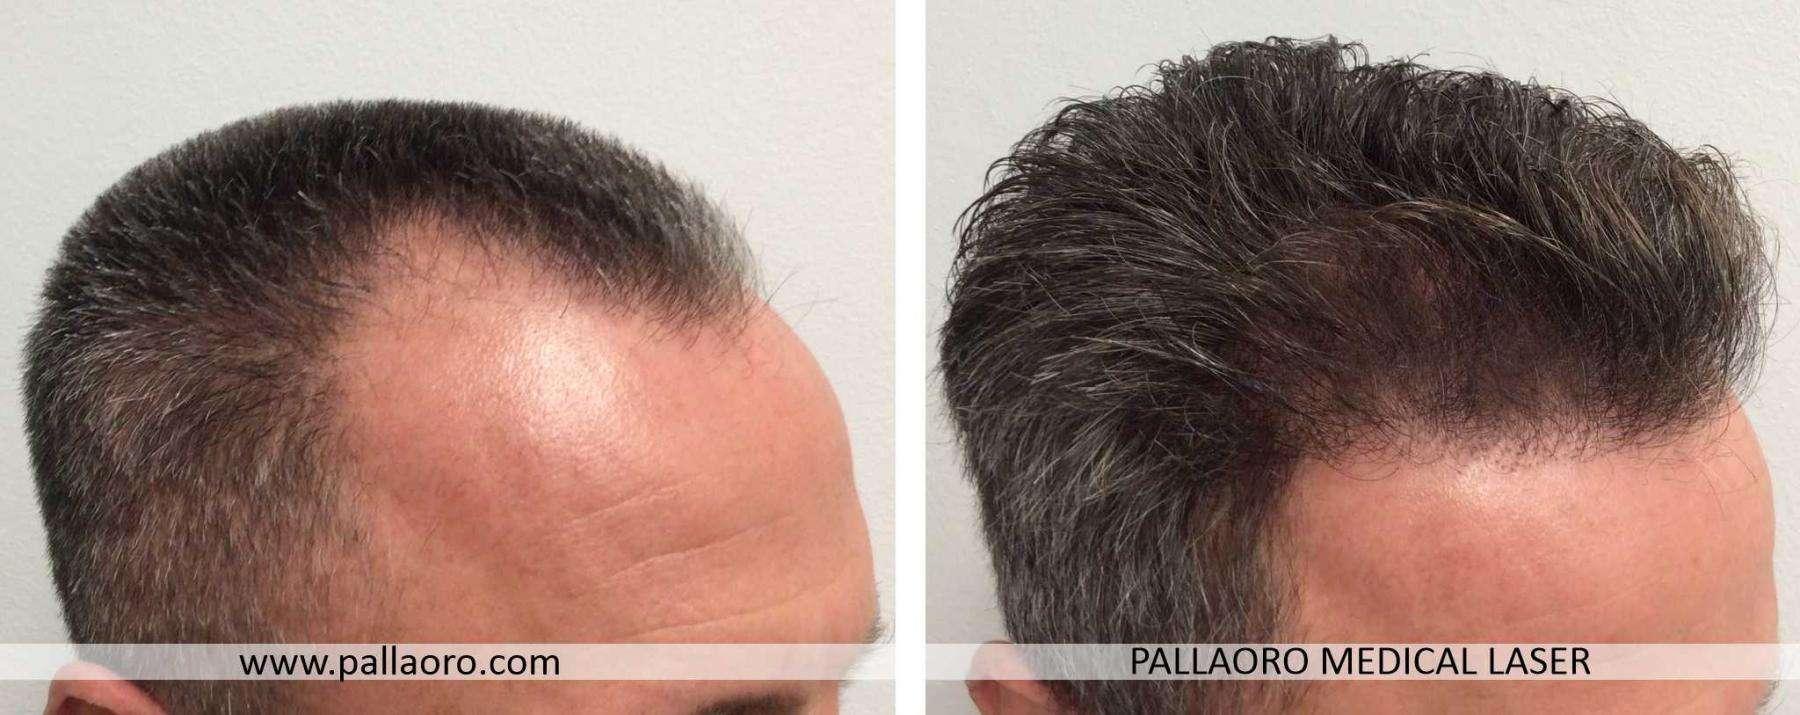 trapianto capelli 2021 02 c